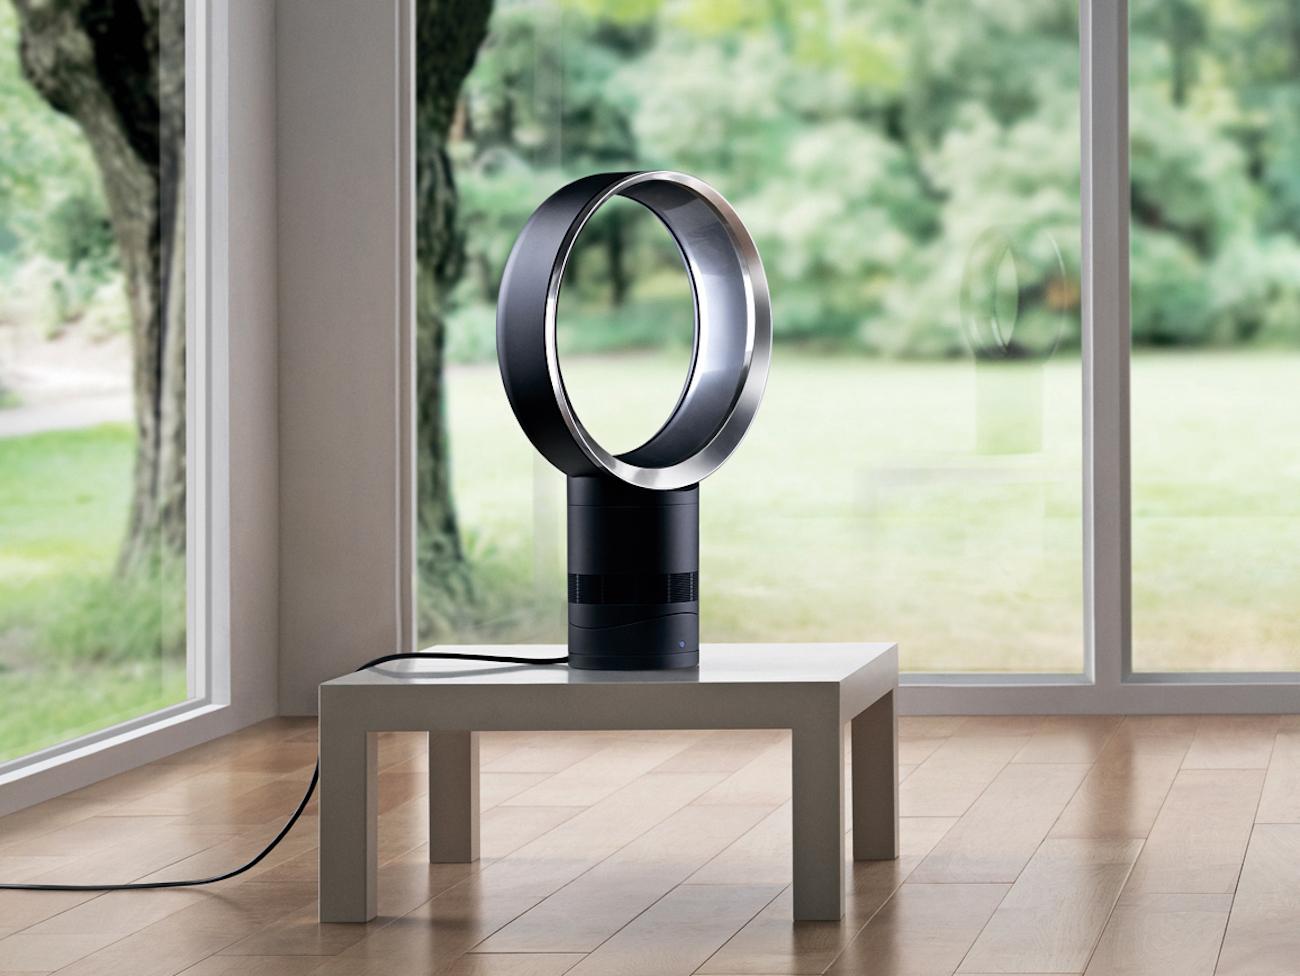 Dyson AM06 Bladeless Table Fan